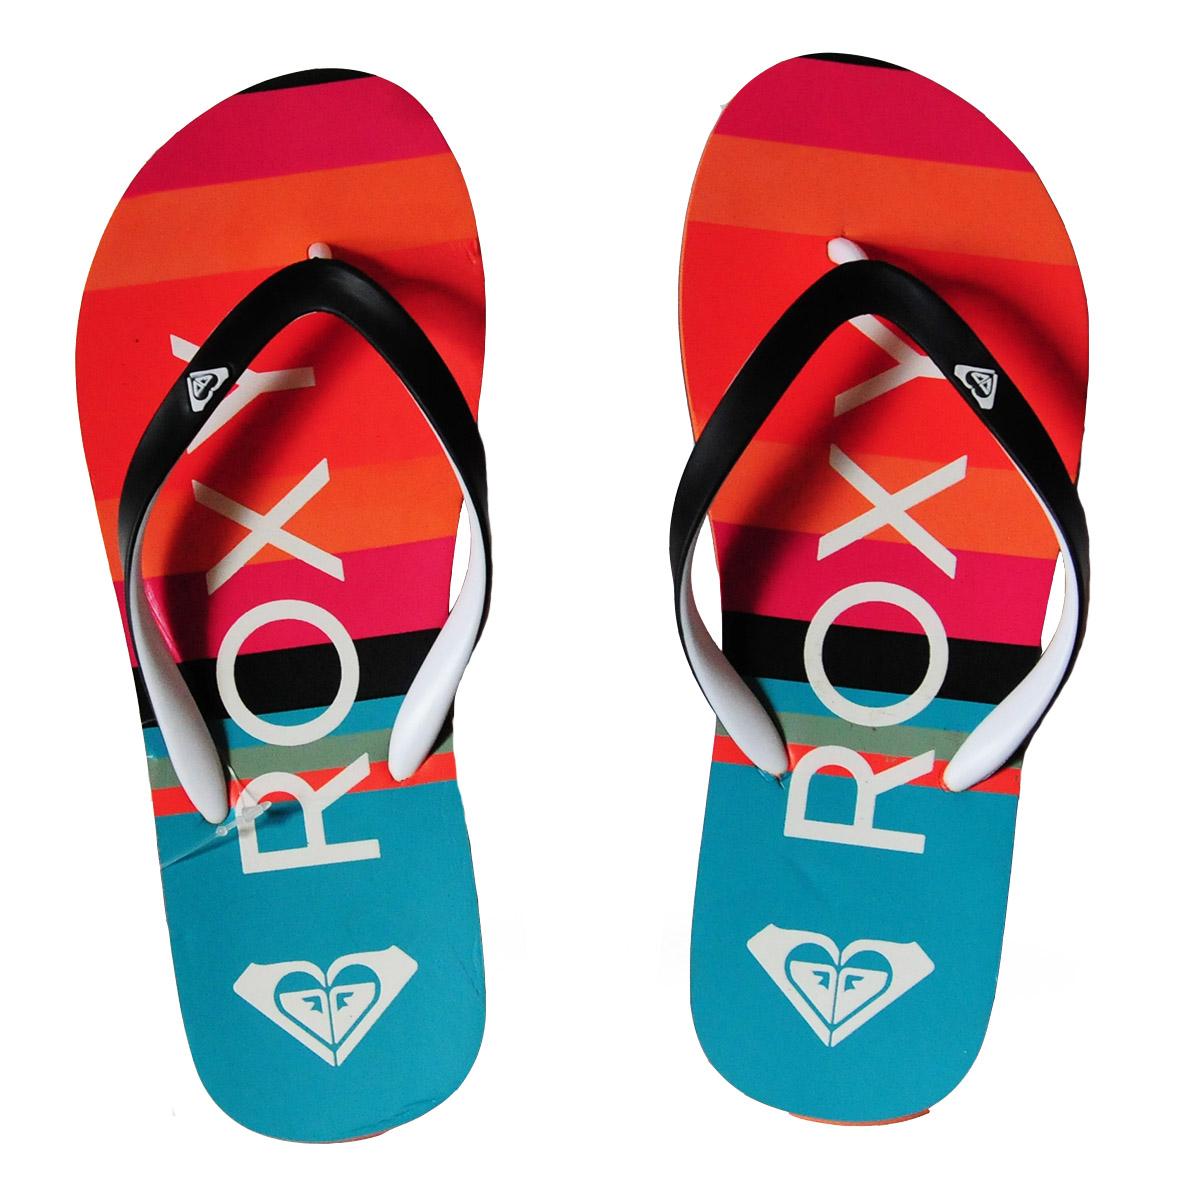 Брендовые пляжные шлепанцы Roxy - купить онлайн в интернет-магазине